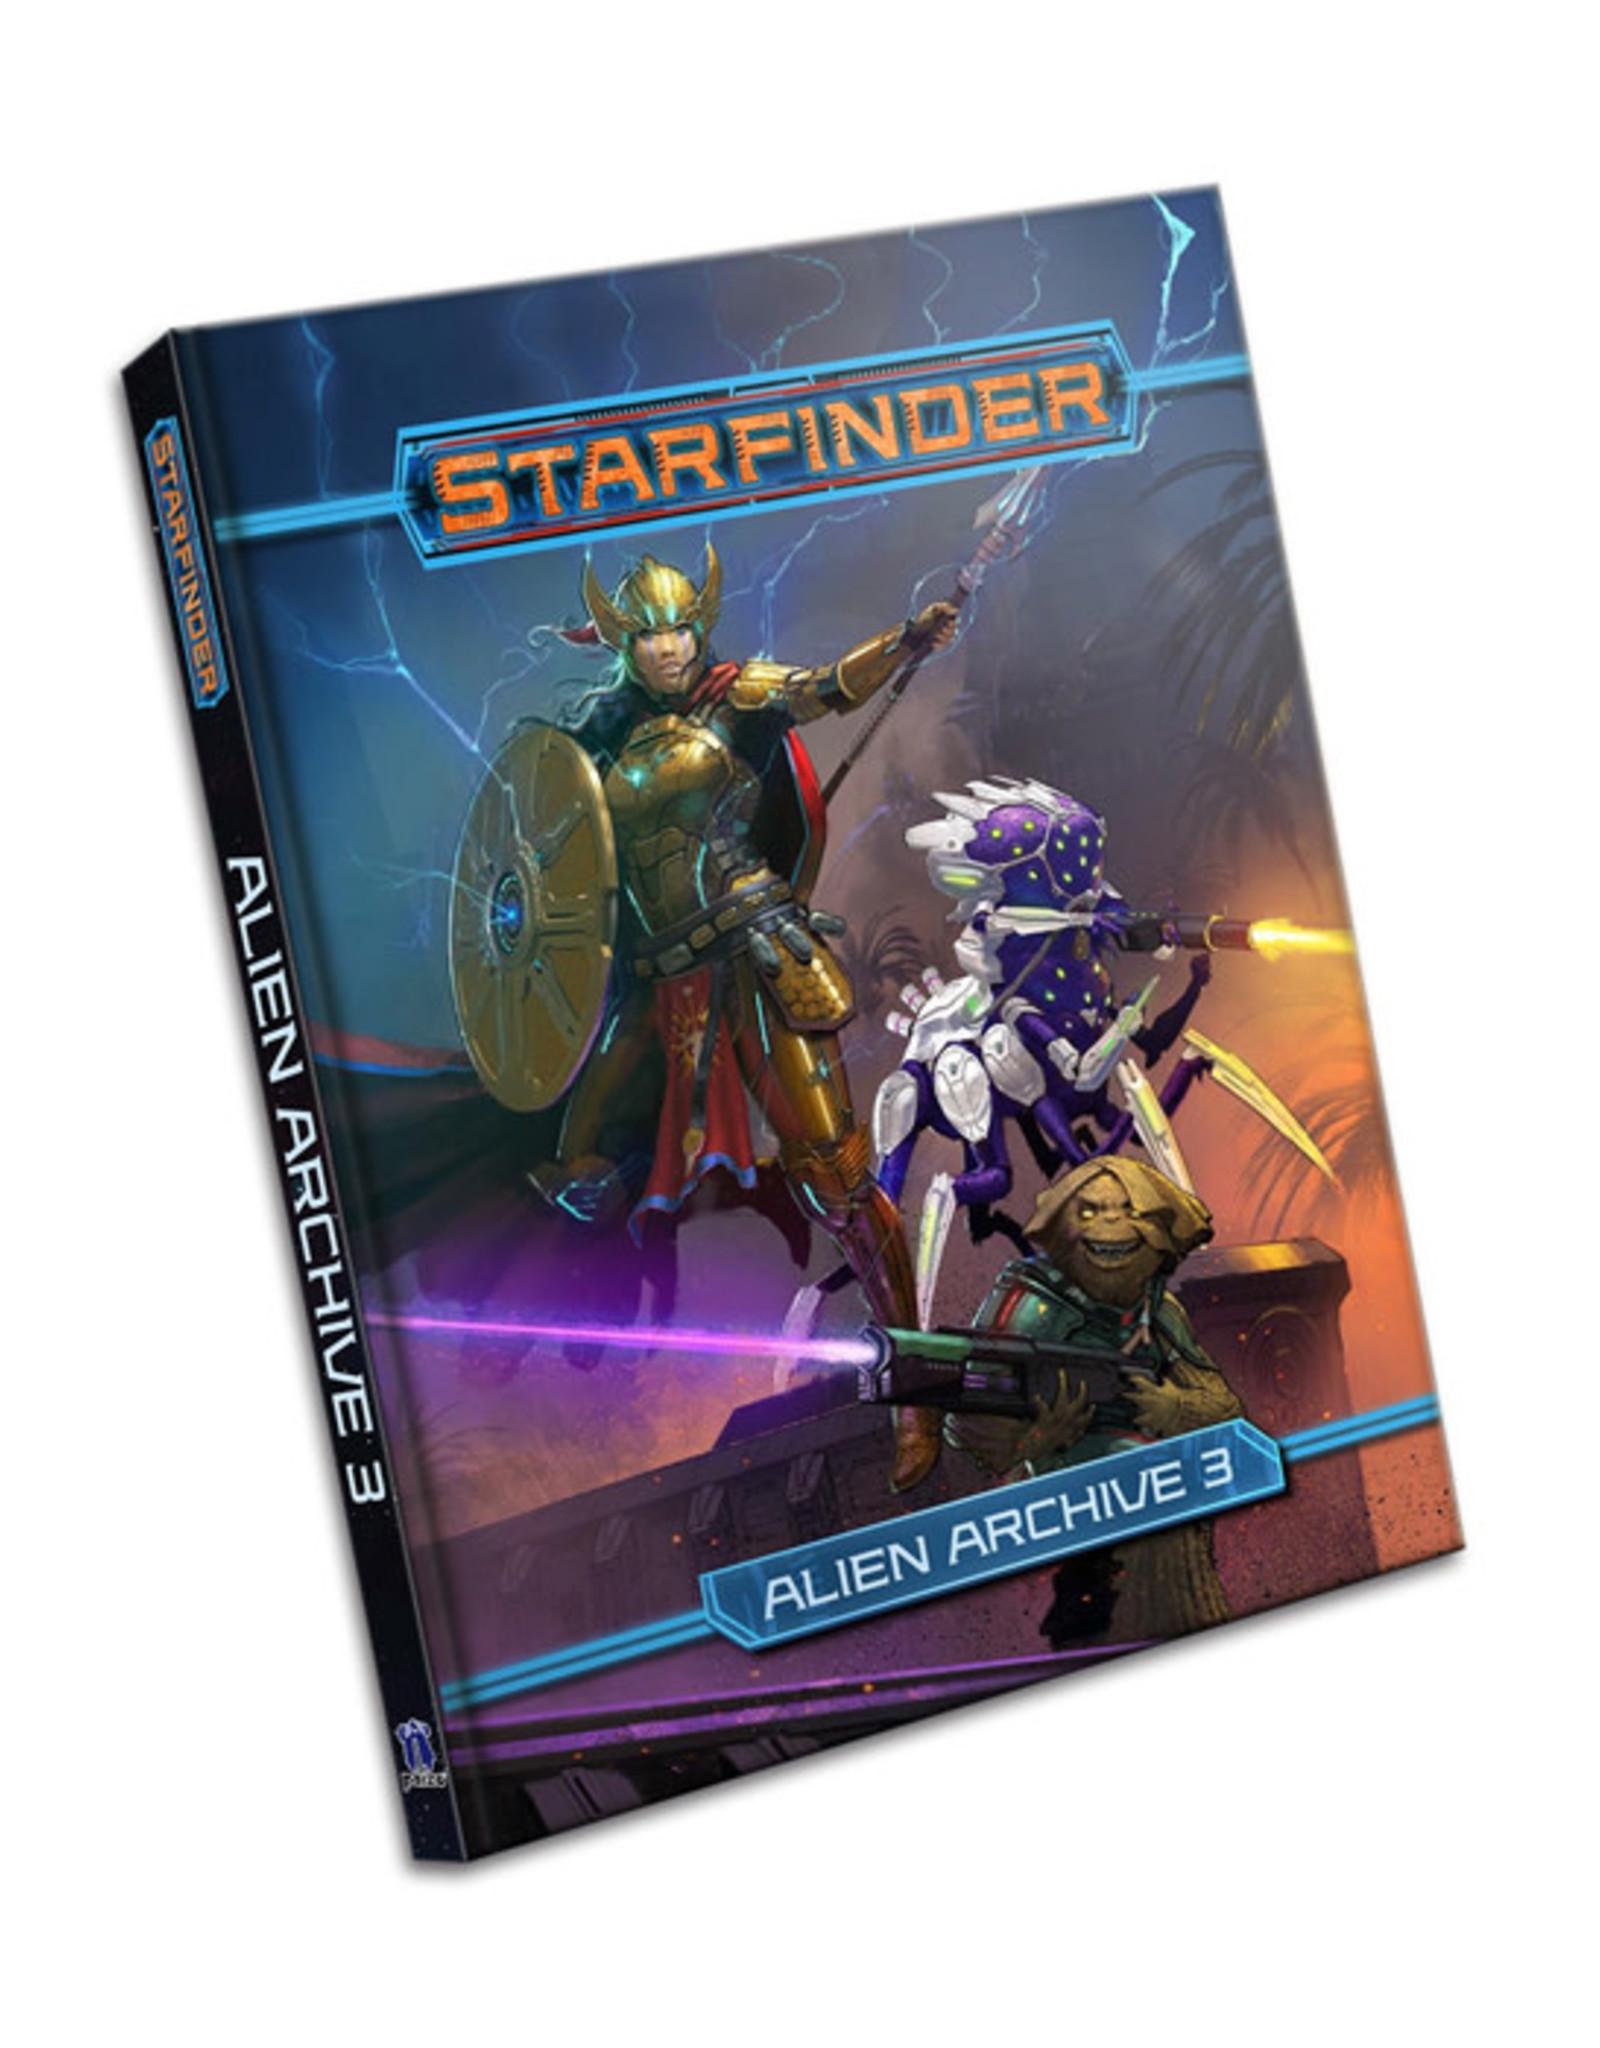 Starfinder Starfinder: Alien Archive 3